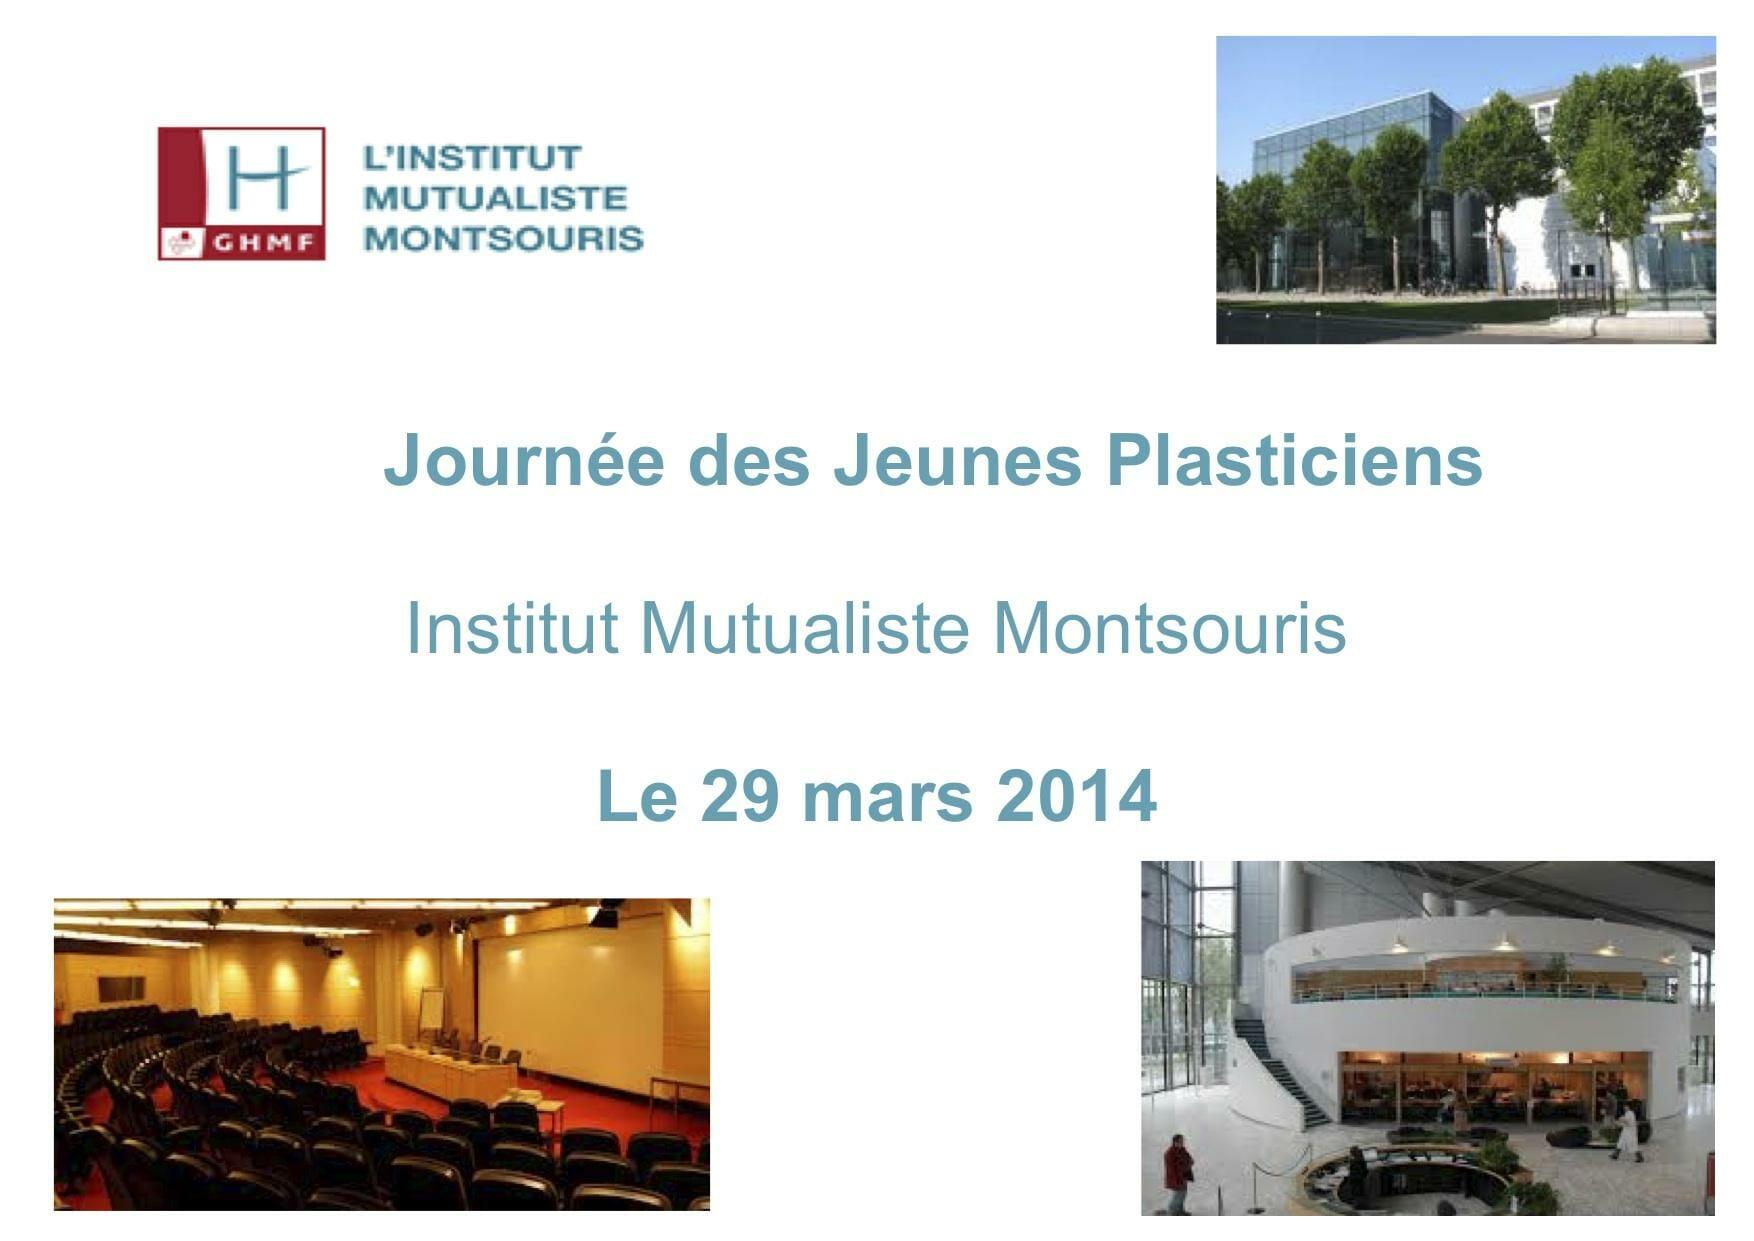 Journée des Jeunes Plasticiens